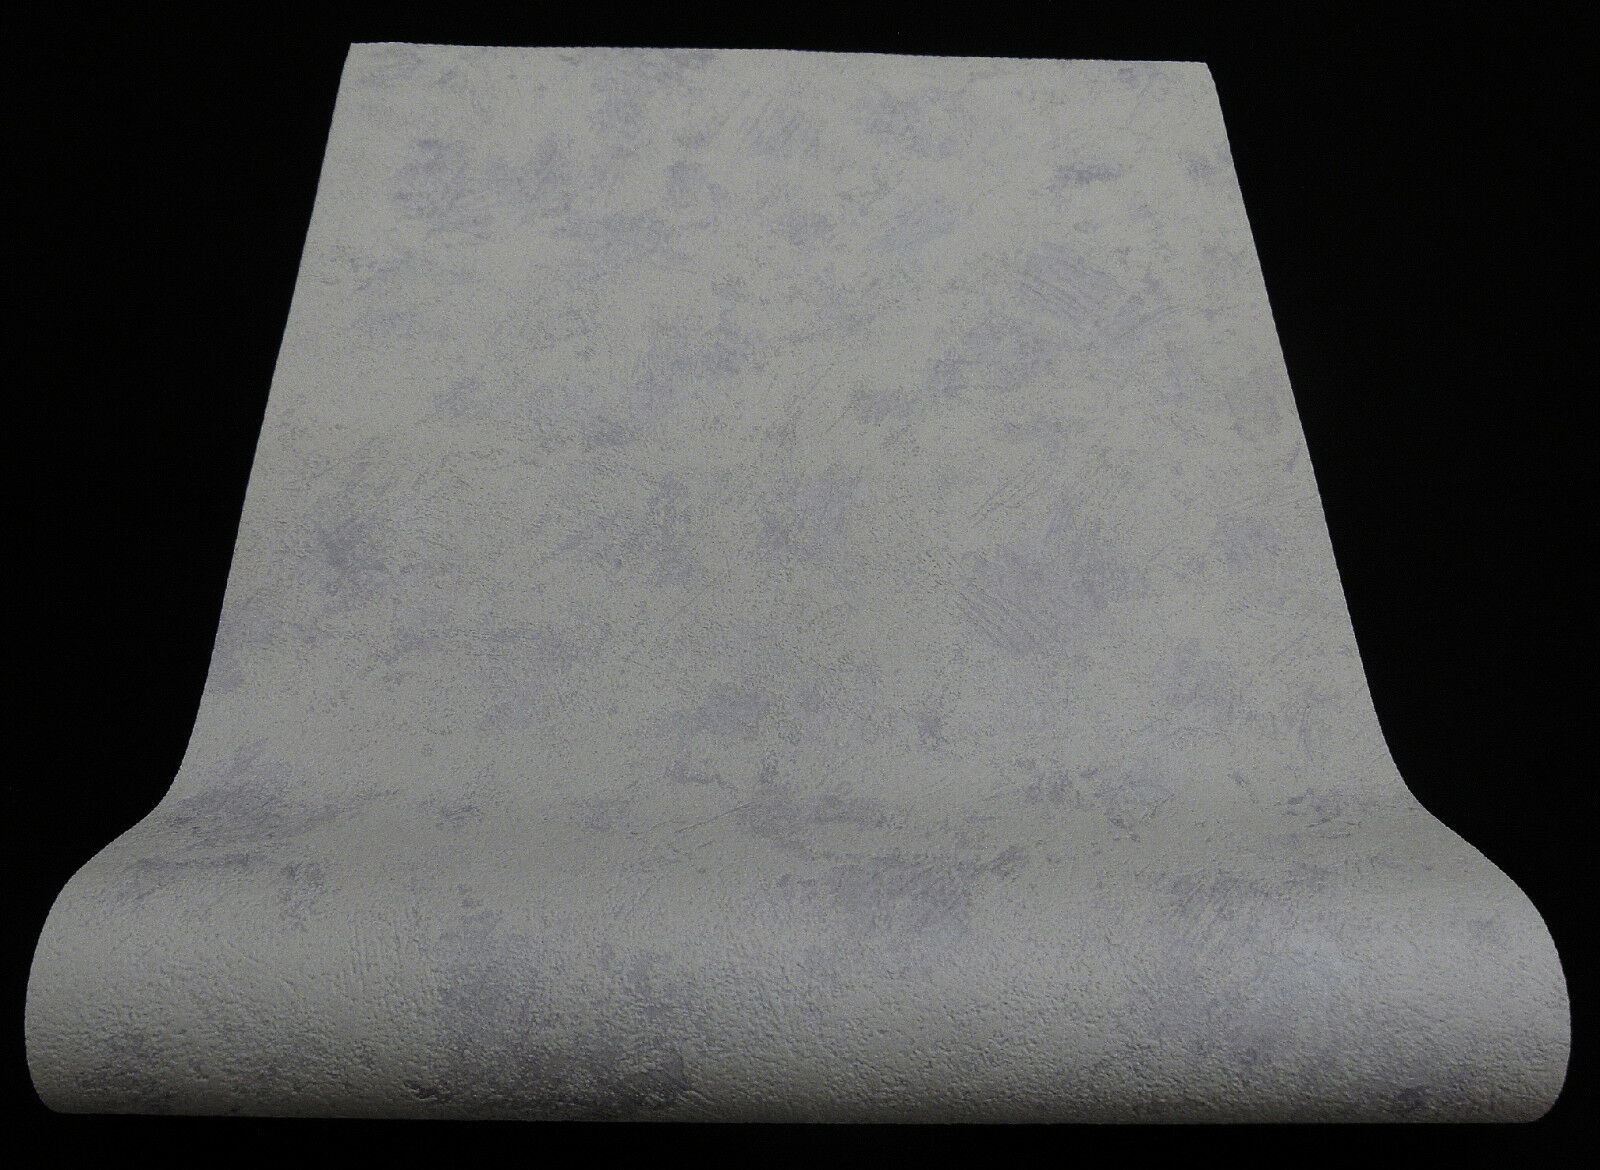 6603-31-) 12 Rollen Vliestapeten grau flieder mediterrane Putzstruktur Weg damit